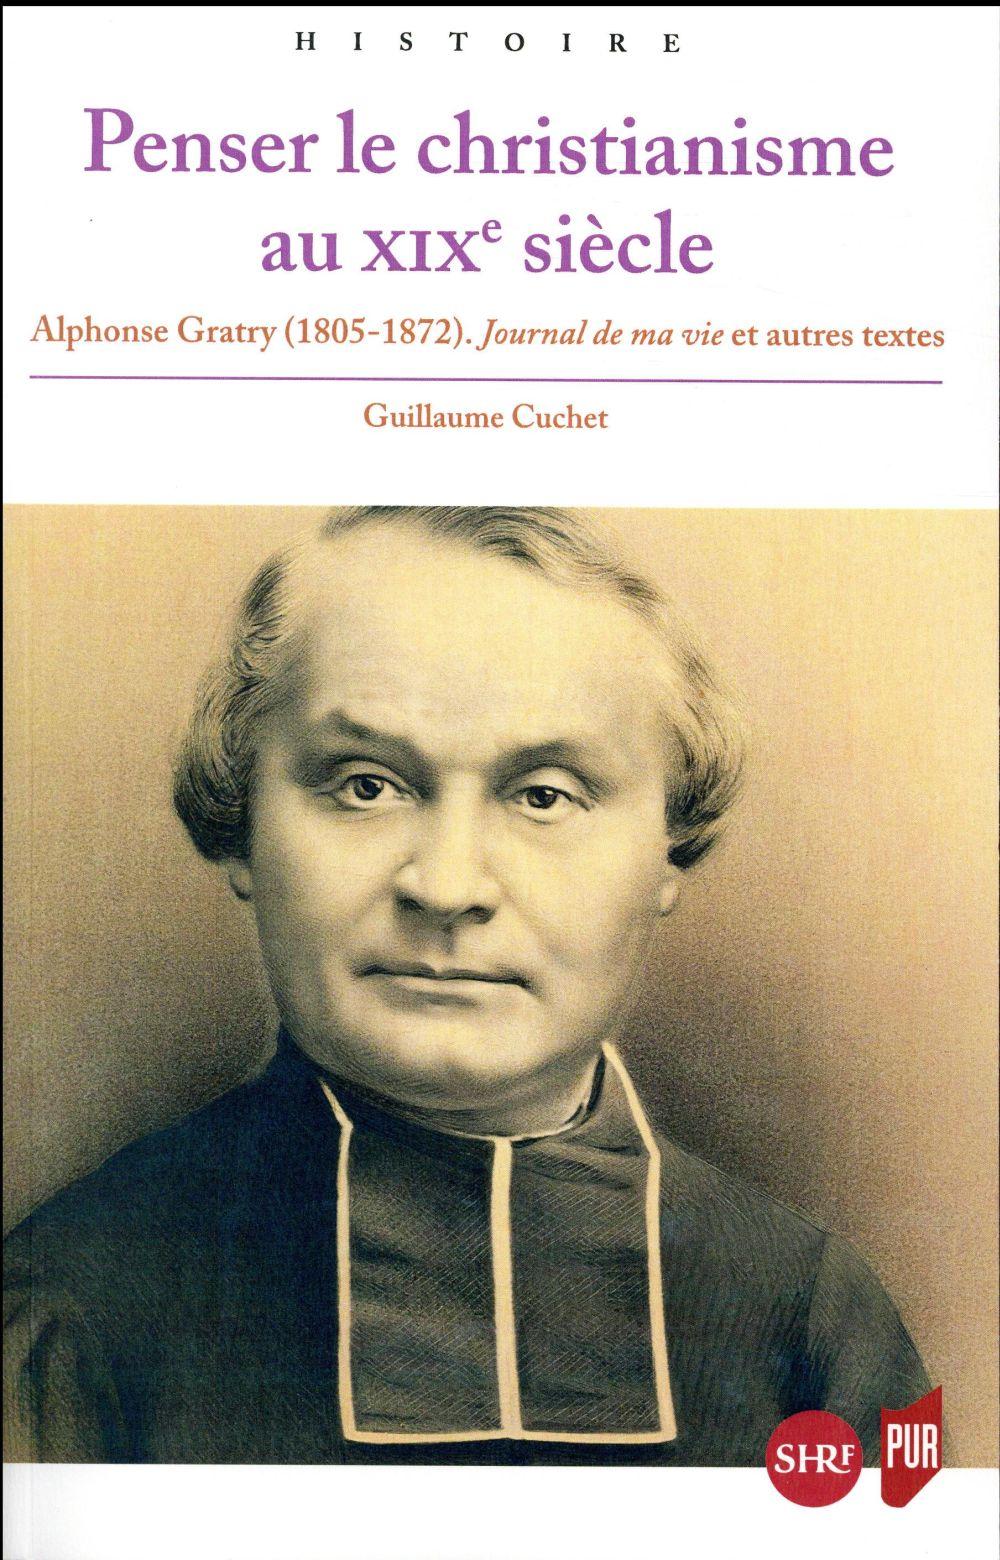 Penser le christianisme au XIXe siècle ; Alphonse Gratry (1805-1872) ; journal de ma vie et autres textes